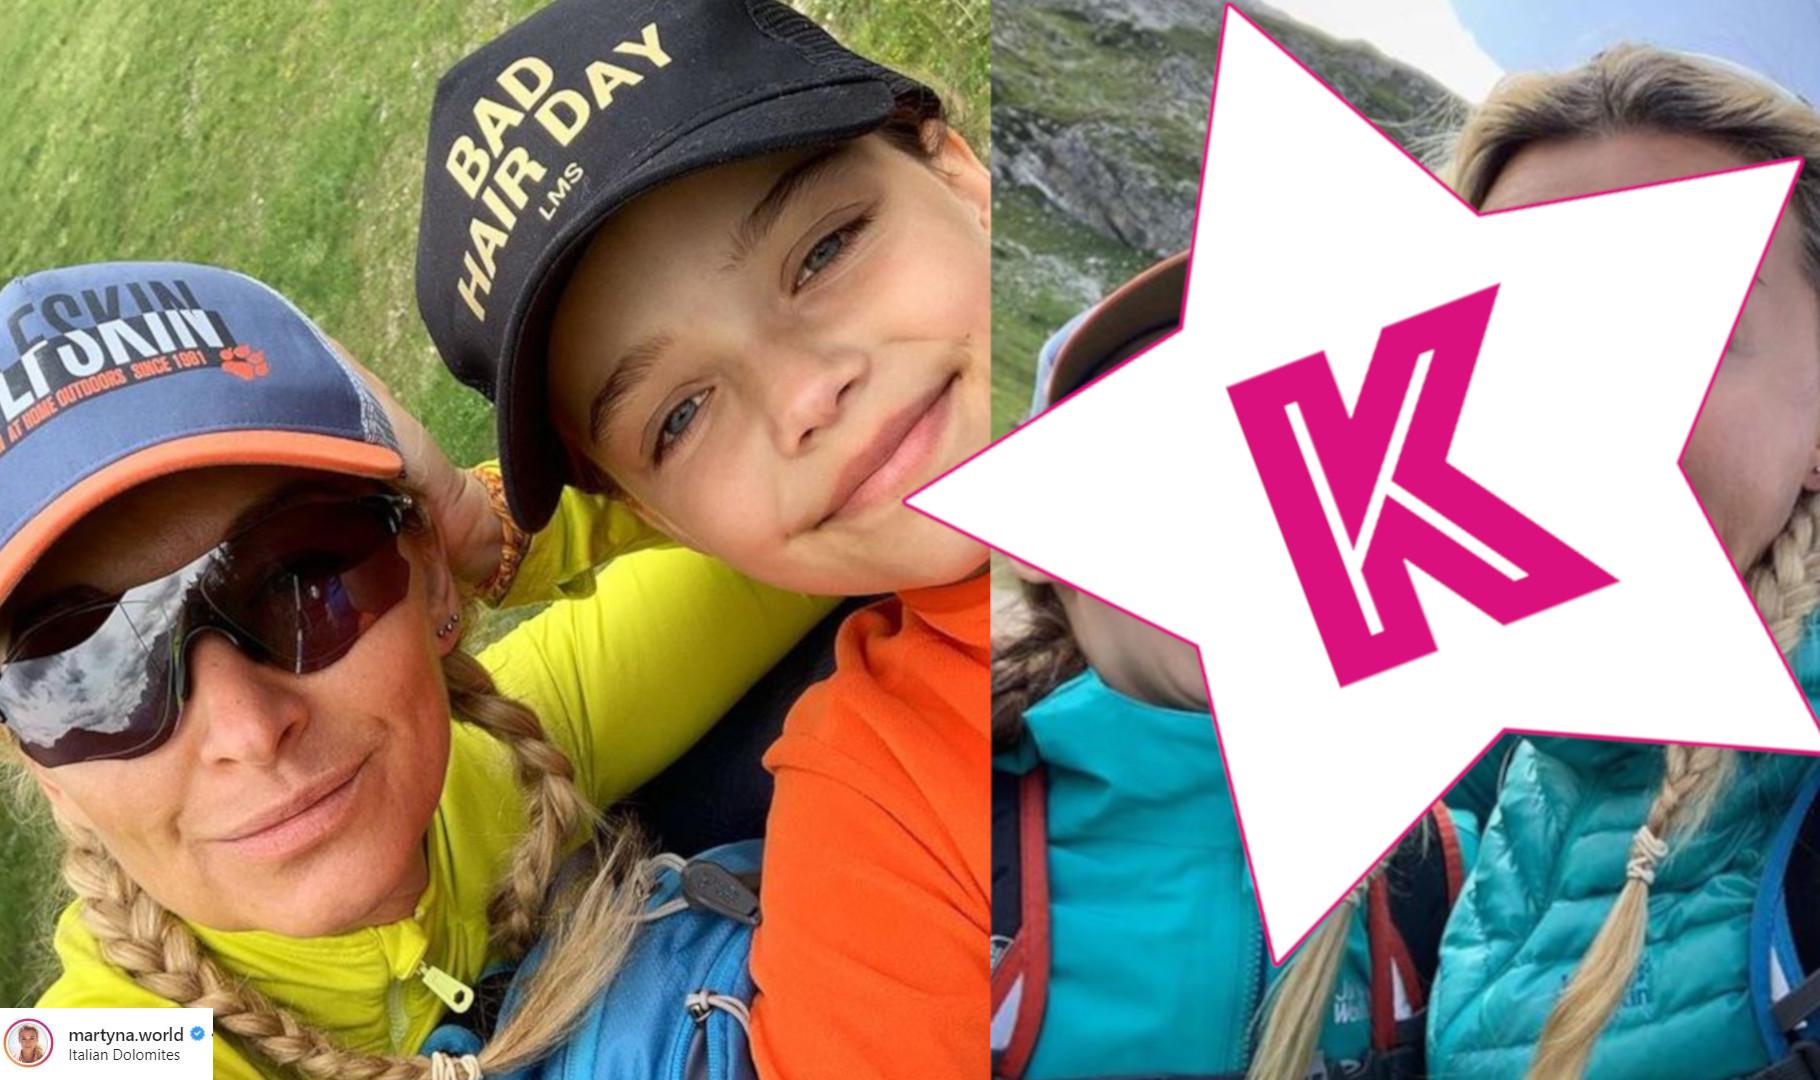 Martyna Wojciechowska wstawiła zabawne zdjęcie z córką – Marysią. Ale MINY!